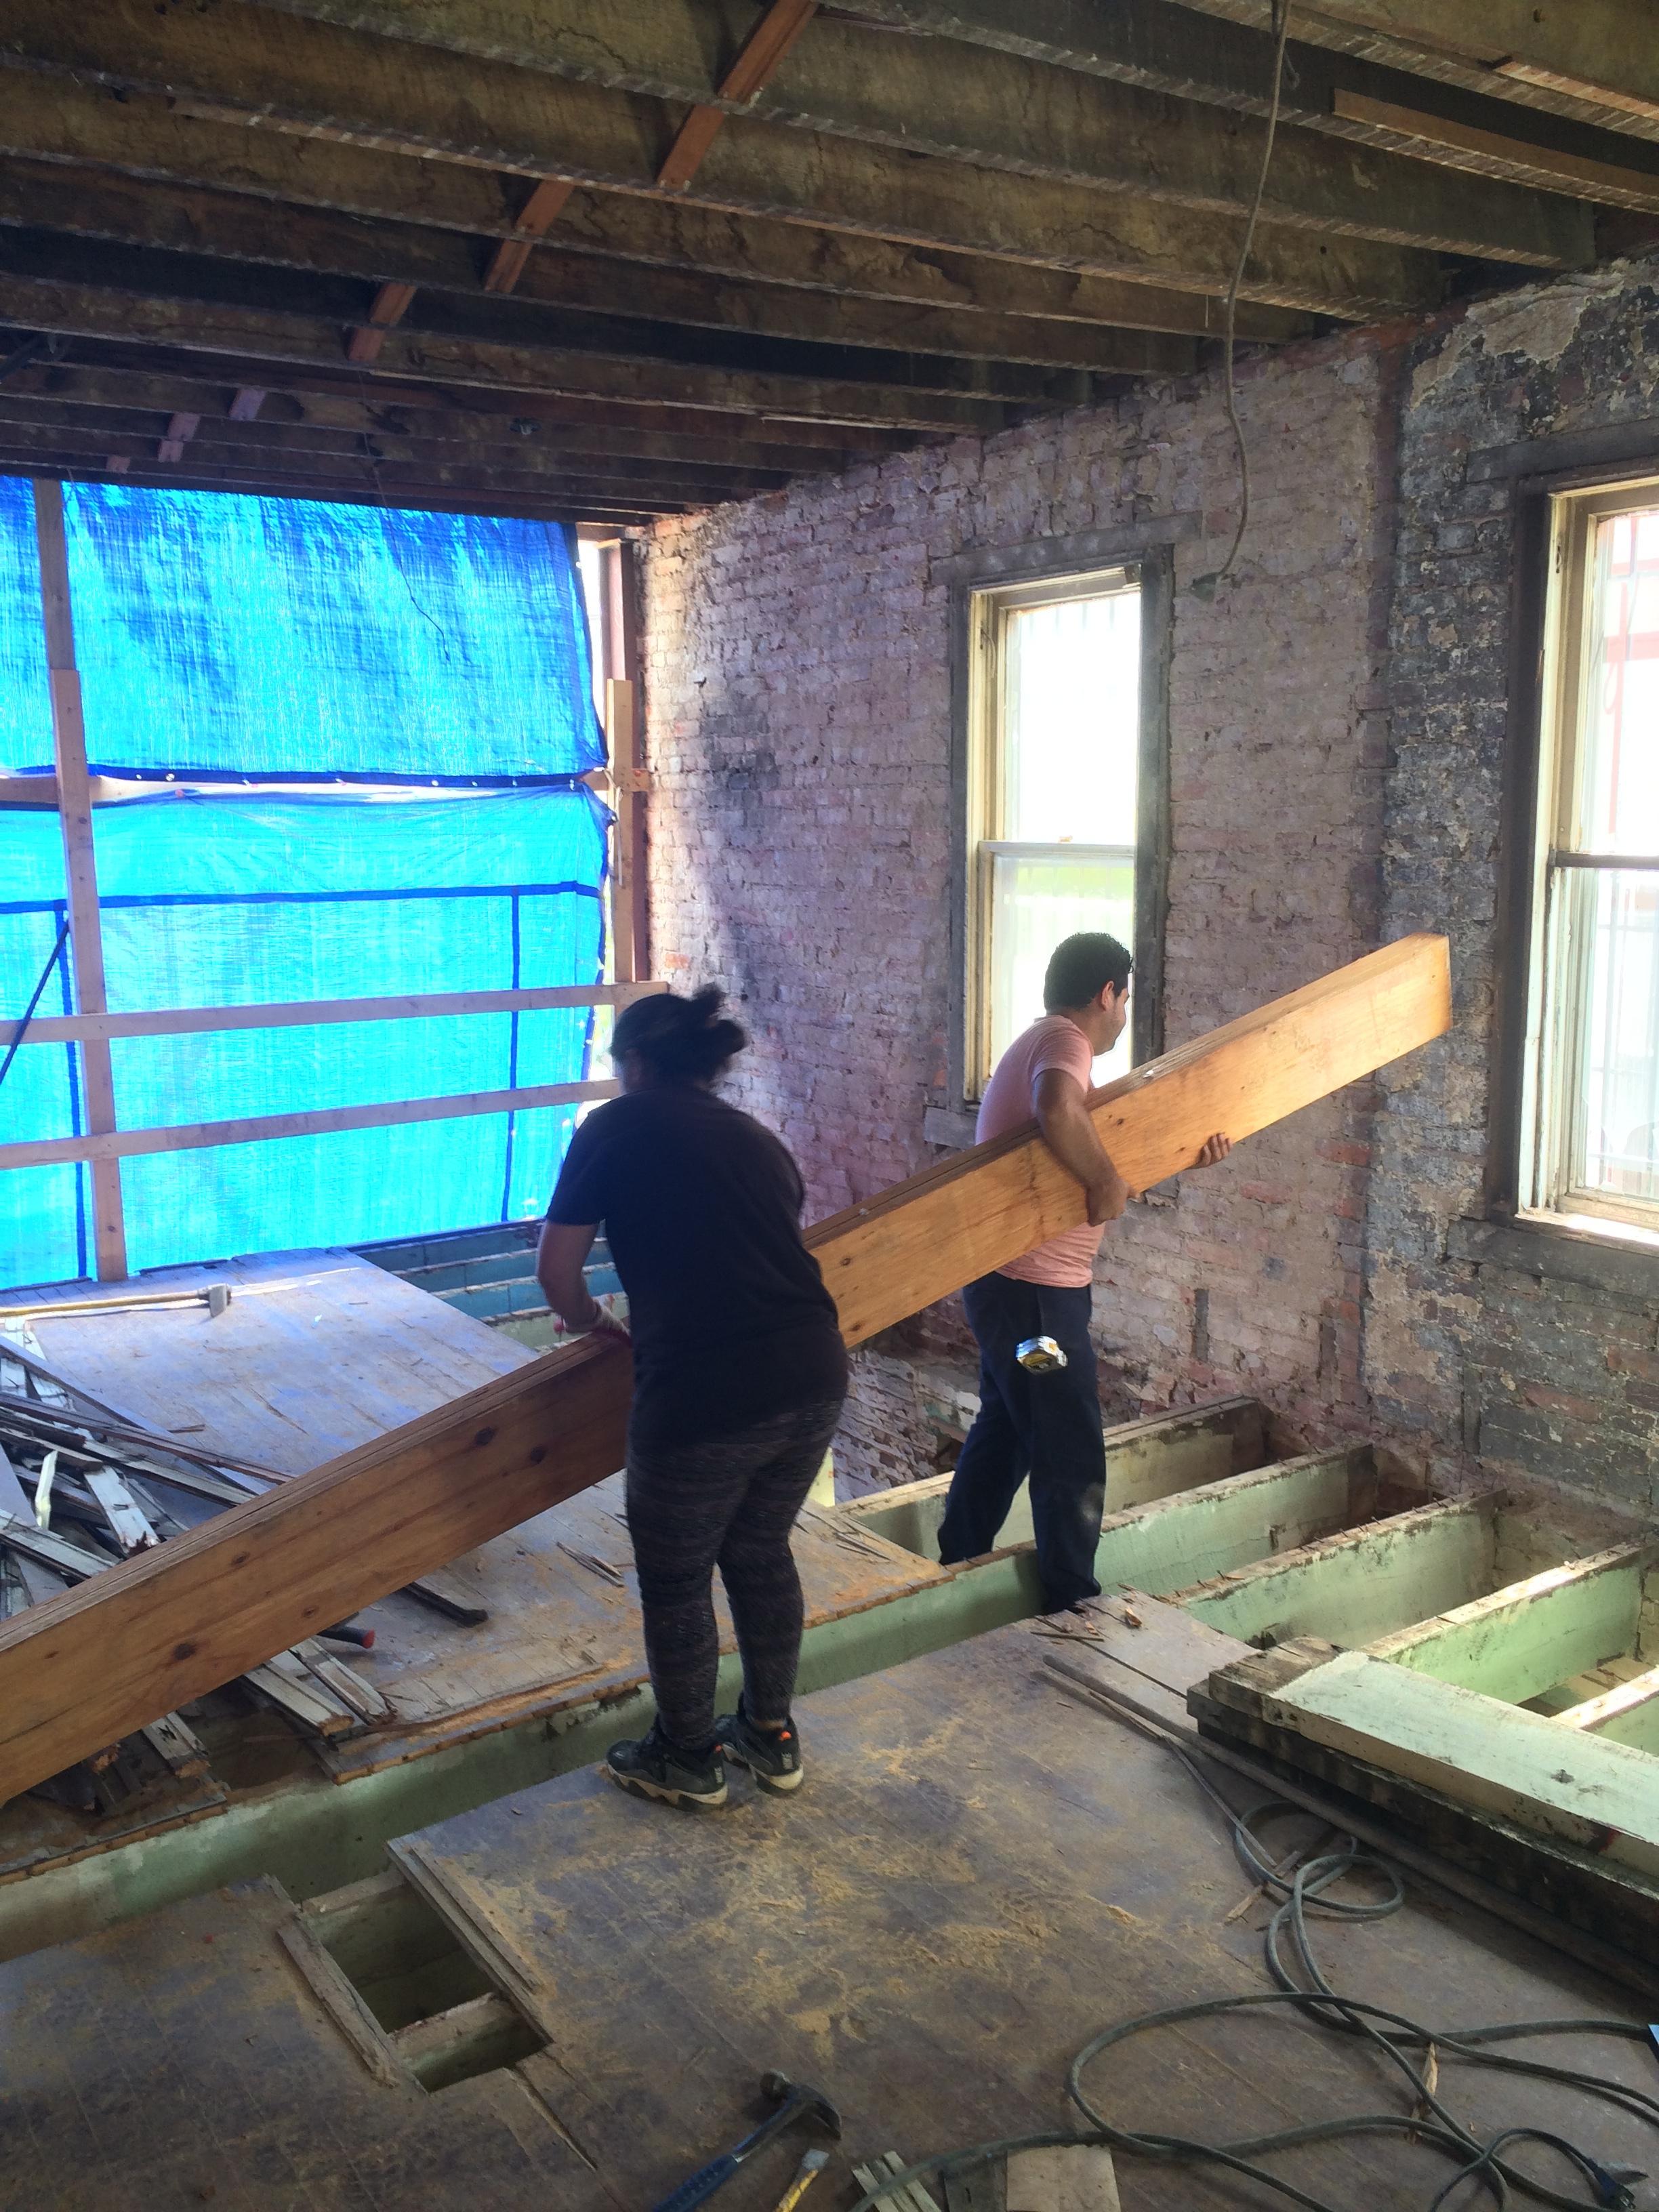 LVL — Blog — Studio Upwall Architects